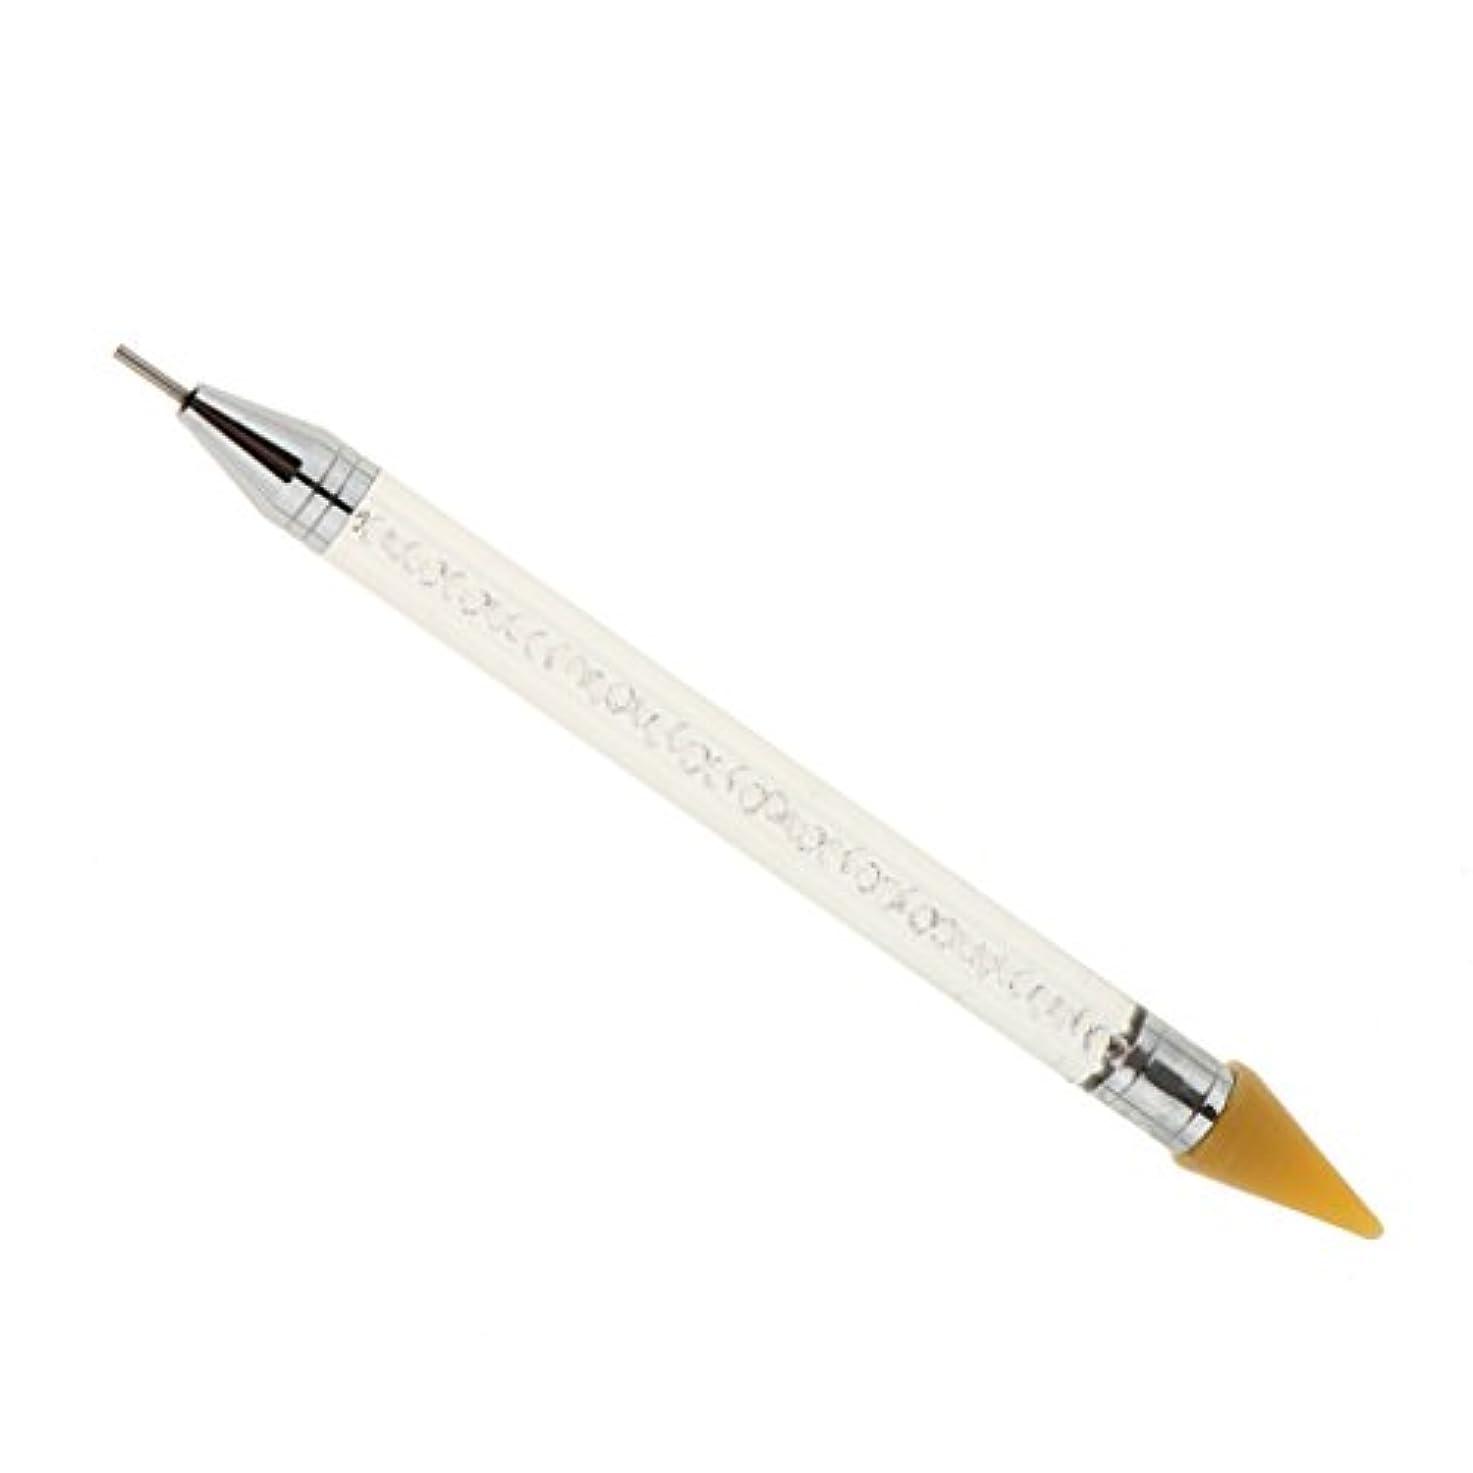 定期的制限された病弱ワックスペンシルマニキュアネイルアートツールのためのデュアルエンドドットペン